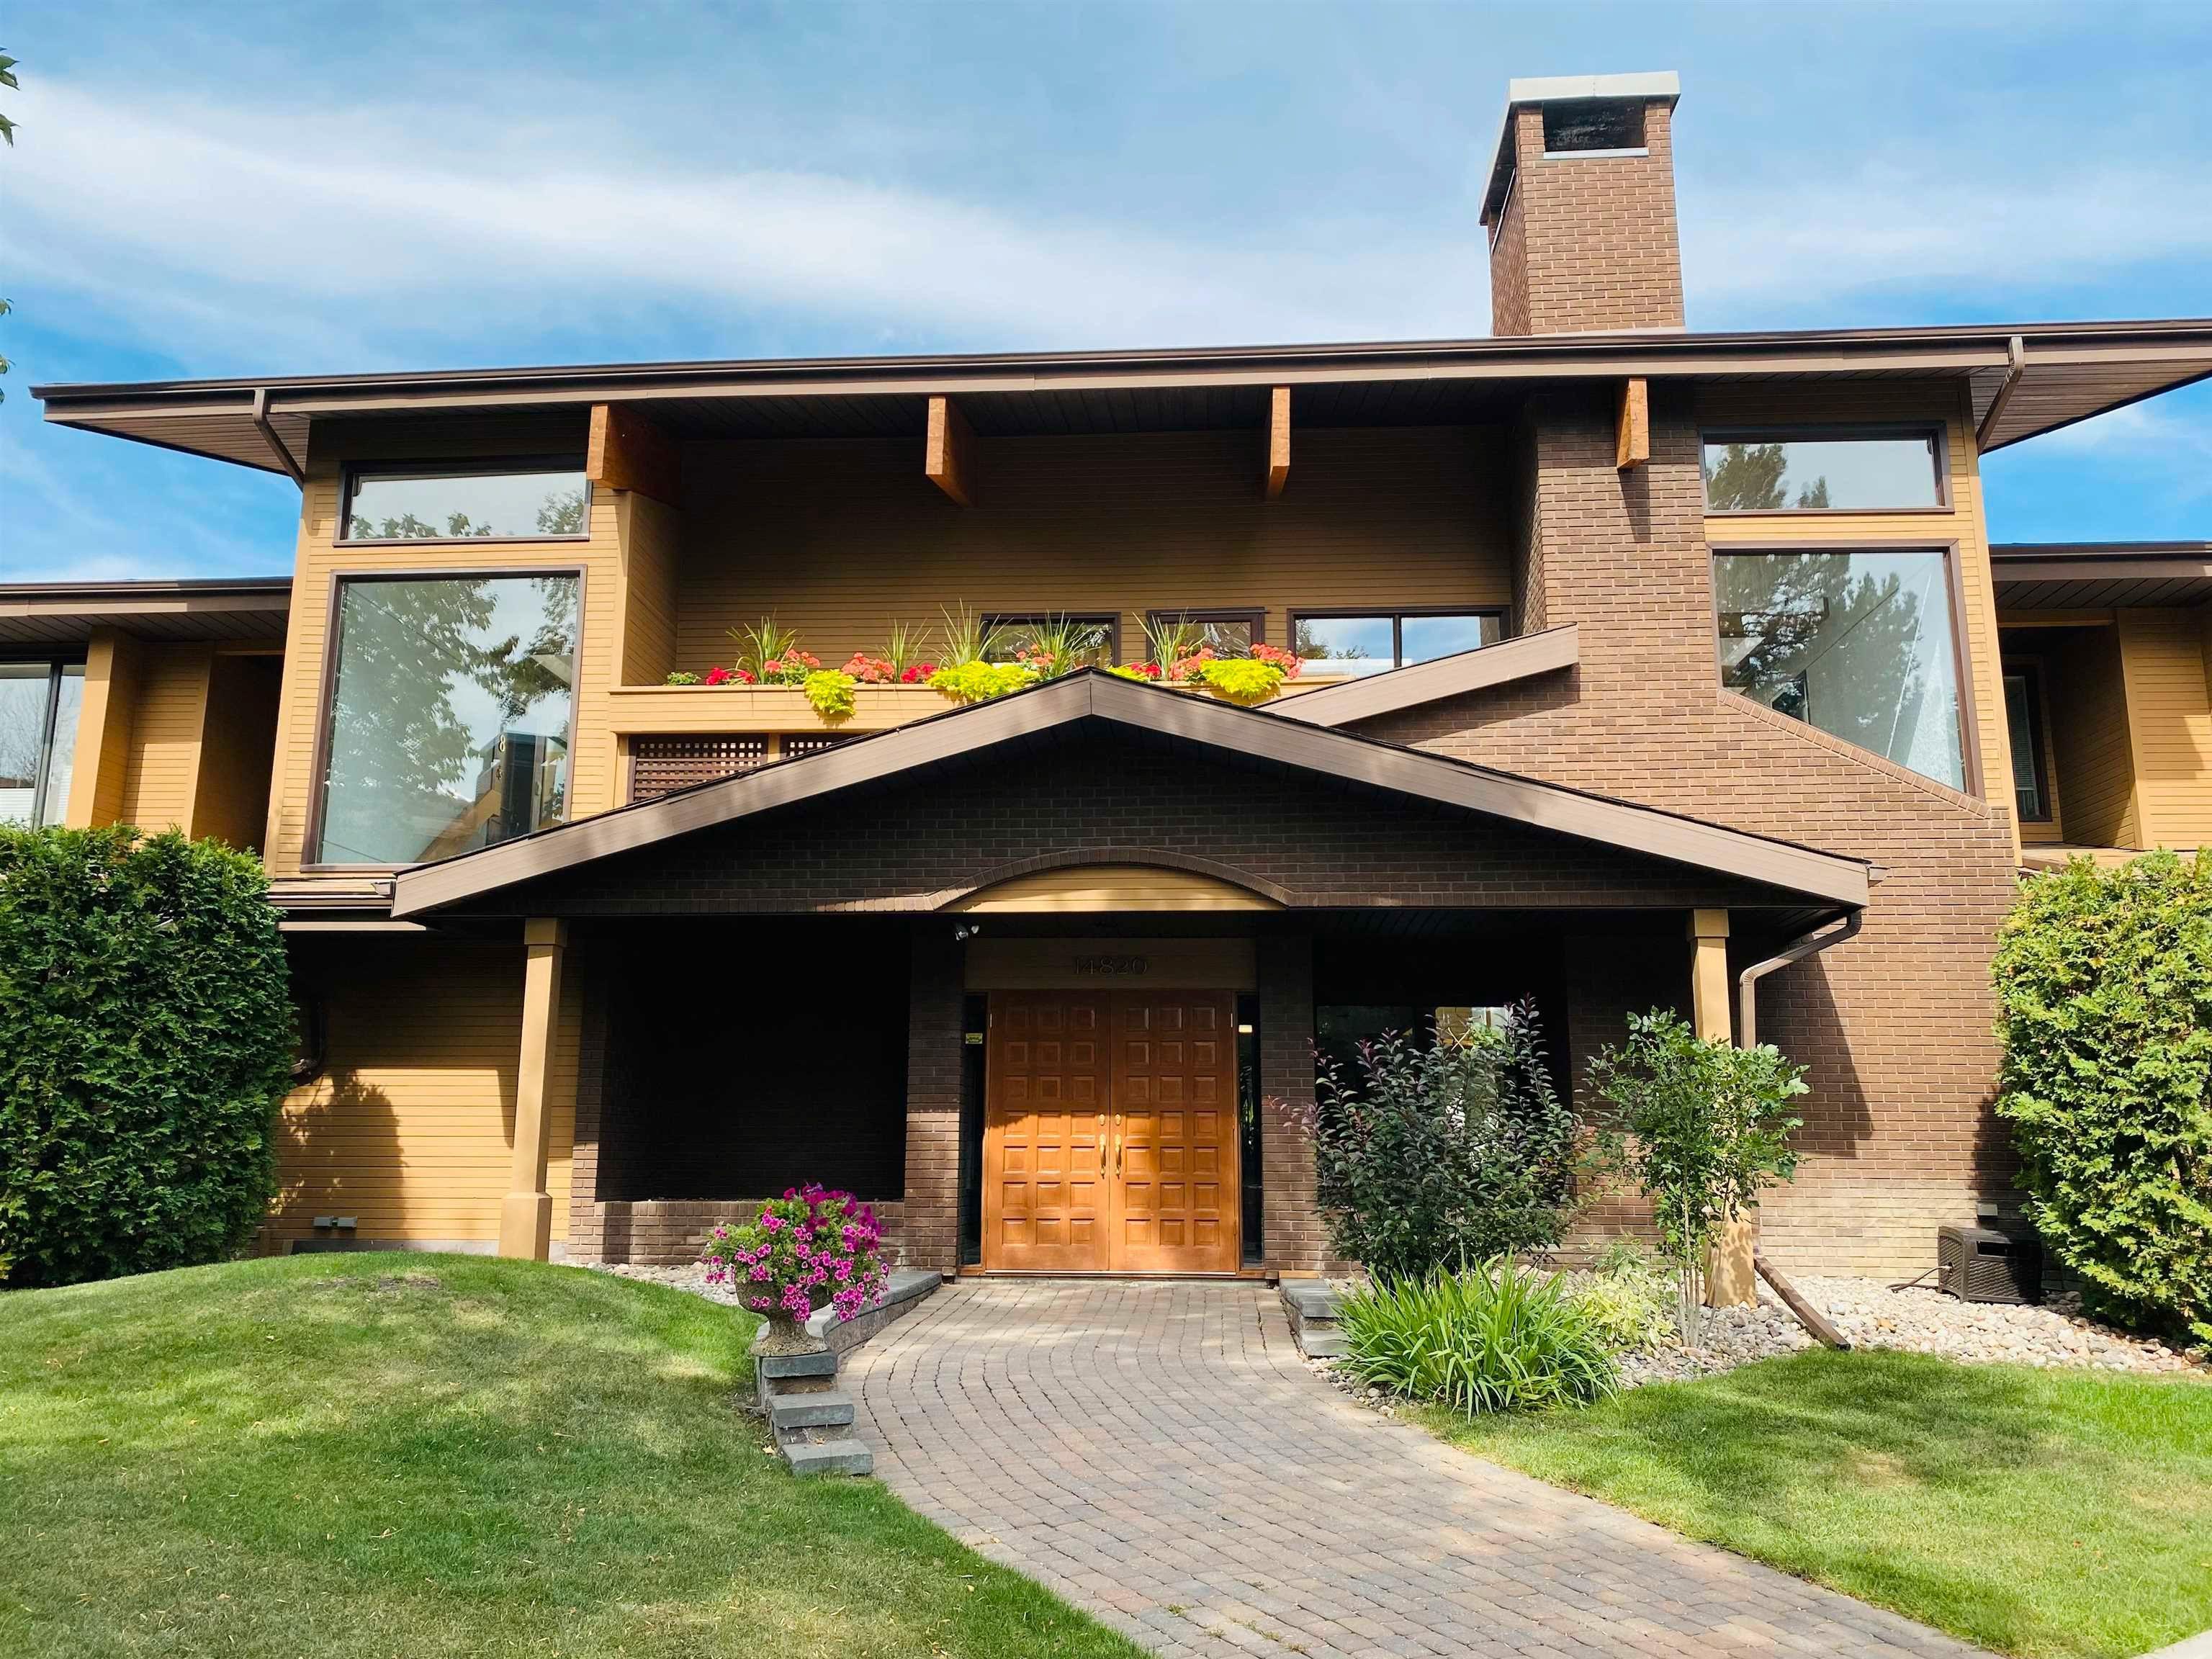 Main Photo: 2 14820 45 Avenue in Edmonton: Zone 14 Condo for sale : MLS®# E4262325